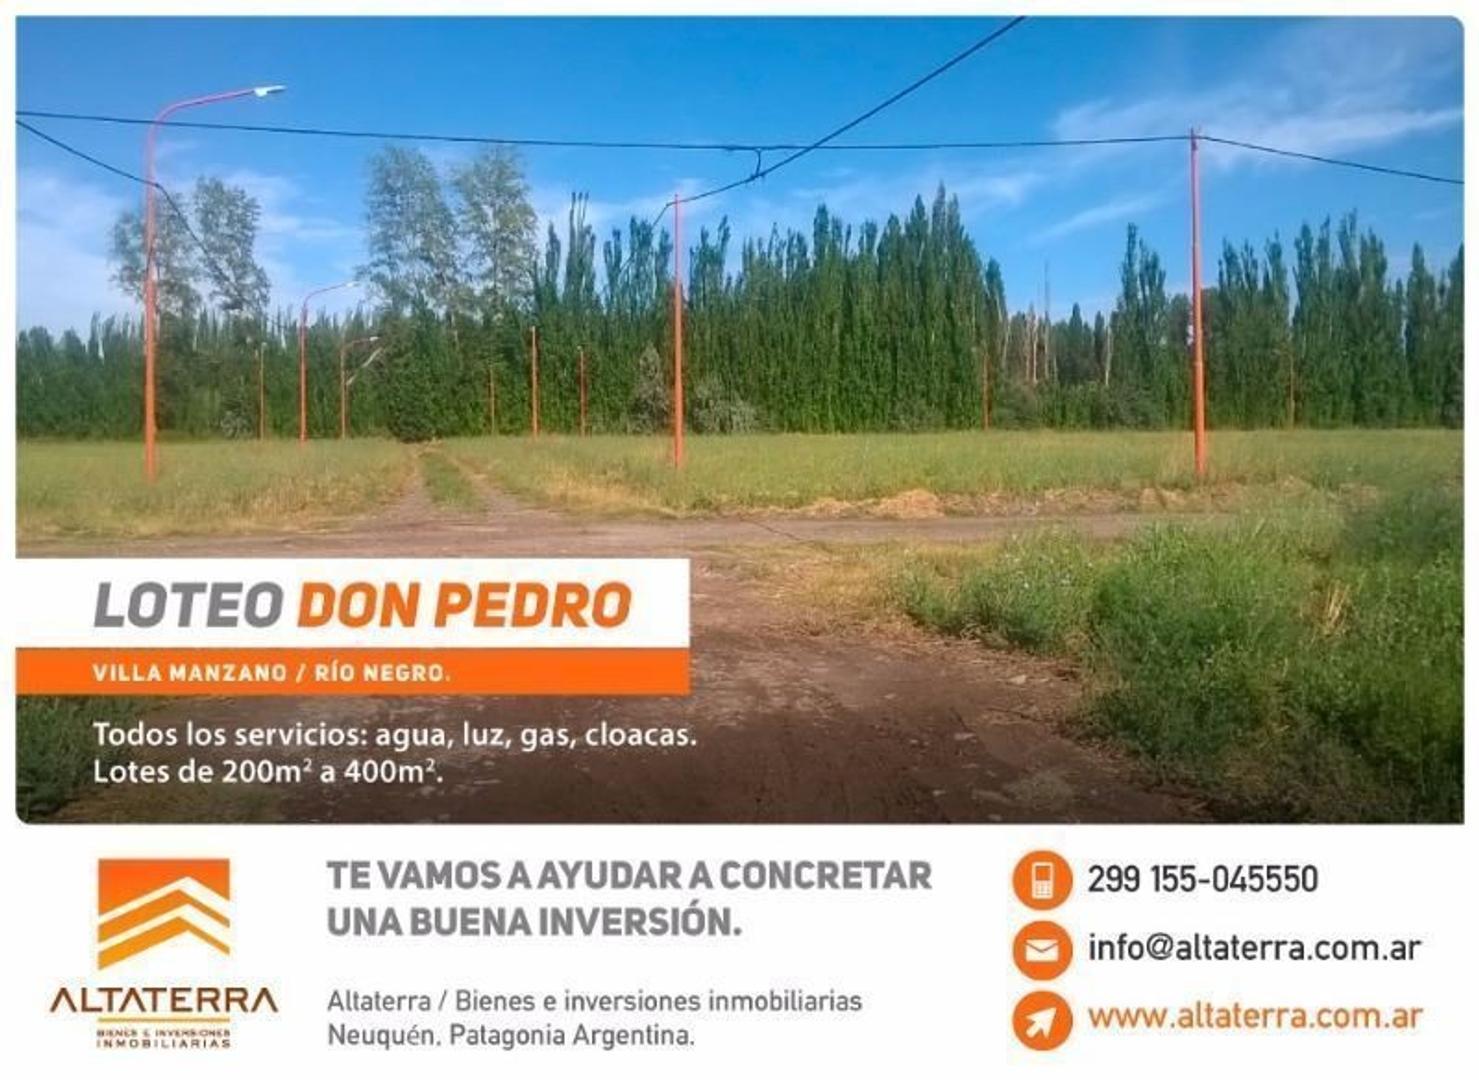 Terreno en Villa Manzano Loteo Don Pedro  Oportunidad de Inversión!